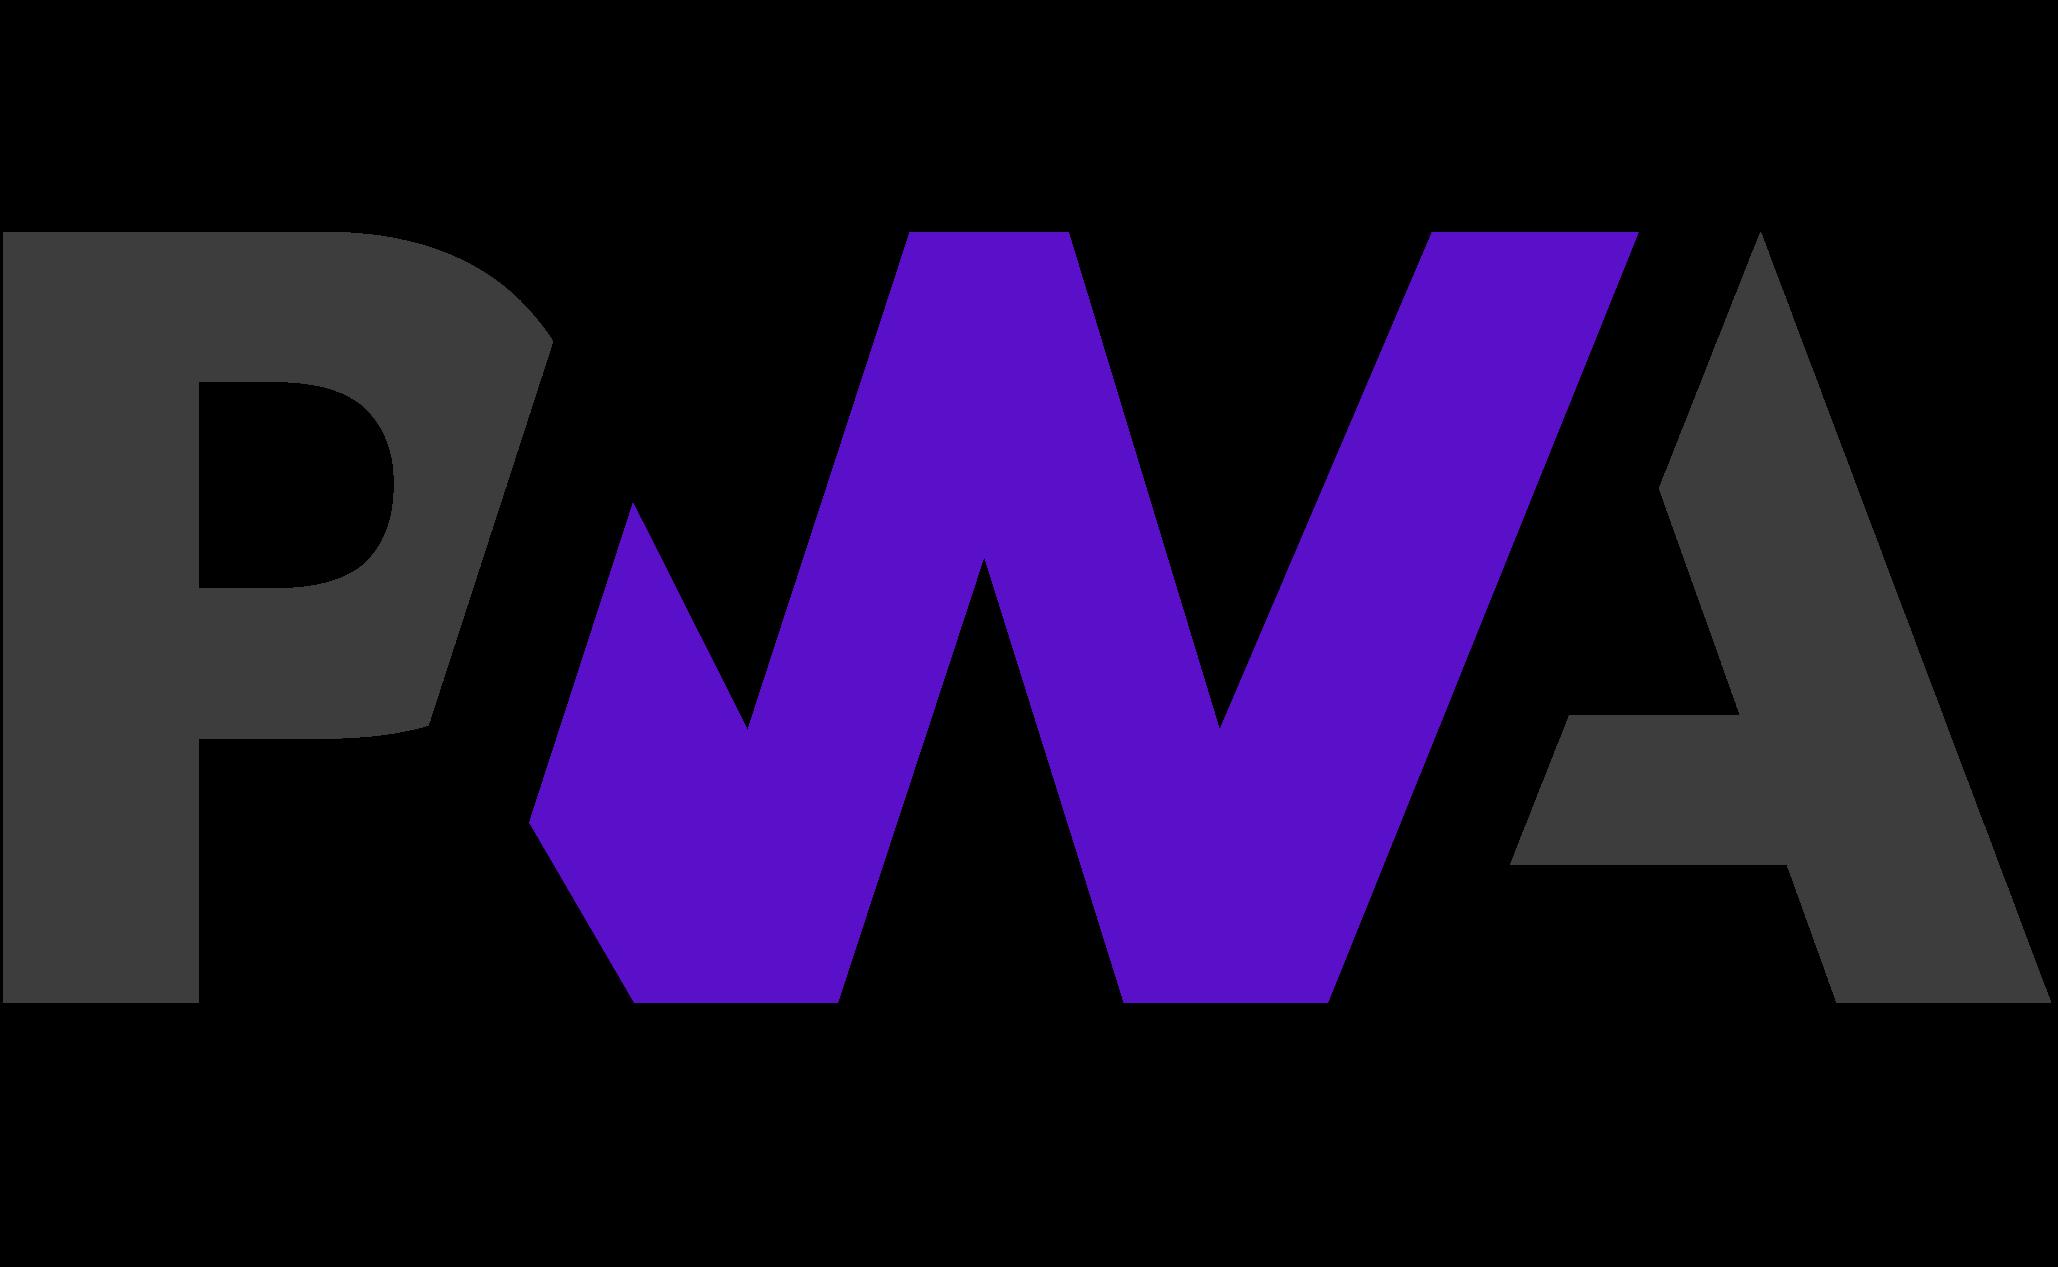 اپکلیشین های پیش رونده (PWA) نقطه پایان برای برنامه نویسان Native